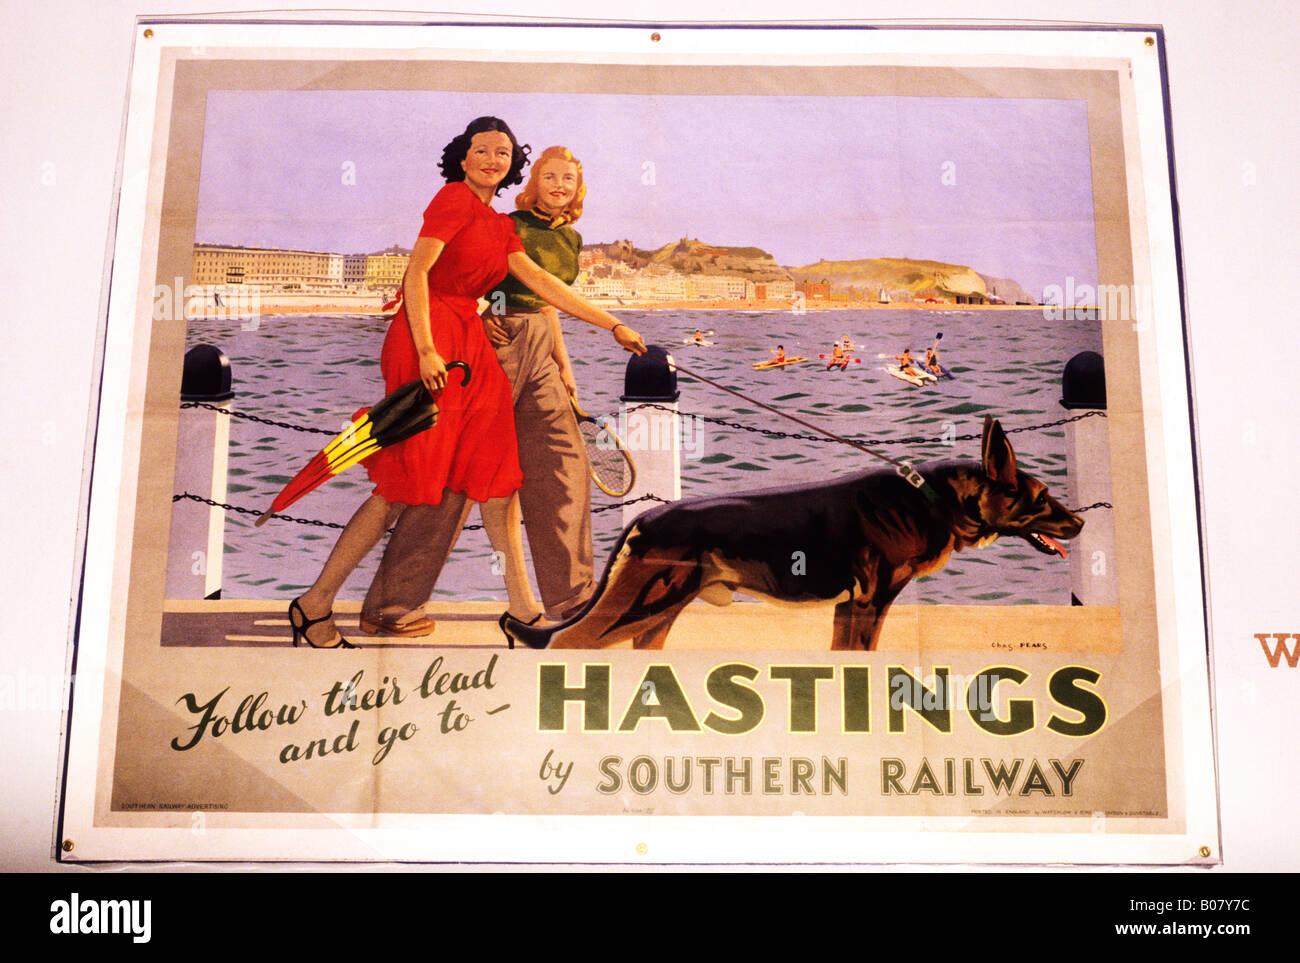 Hastings Werbung Plakat 1934 30 dreißiger Jahre Südbahn Werbung Urlaub Damen flanieren Meer Szene Sussex Stockbild